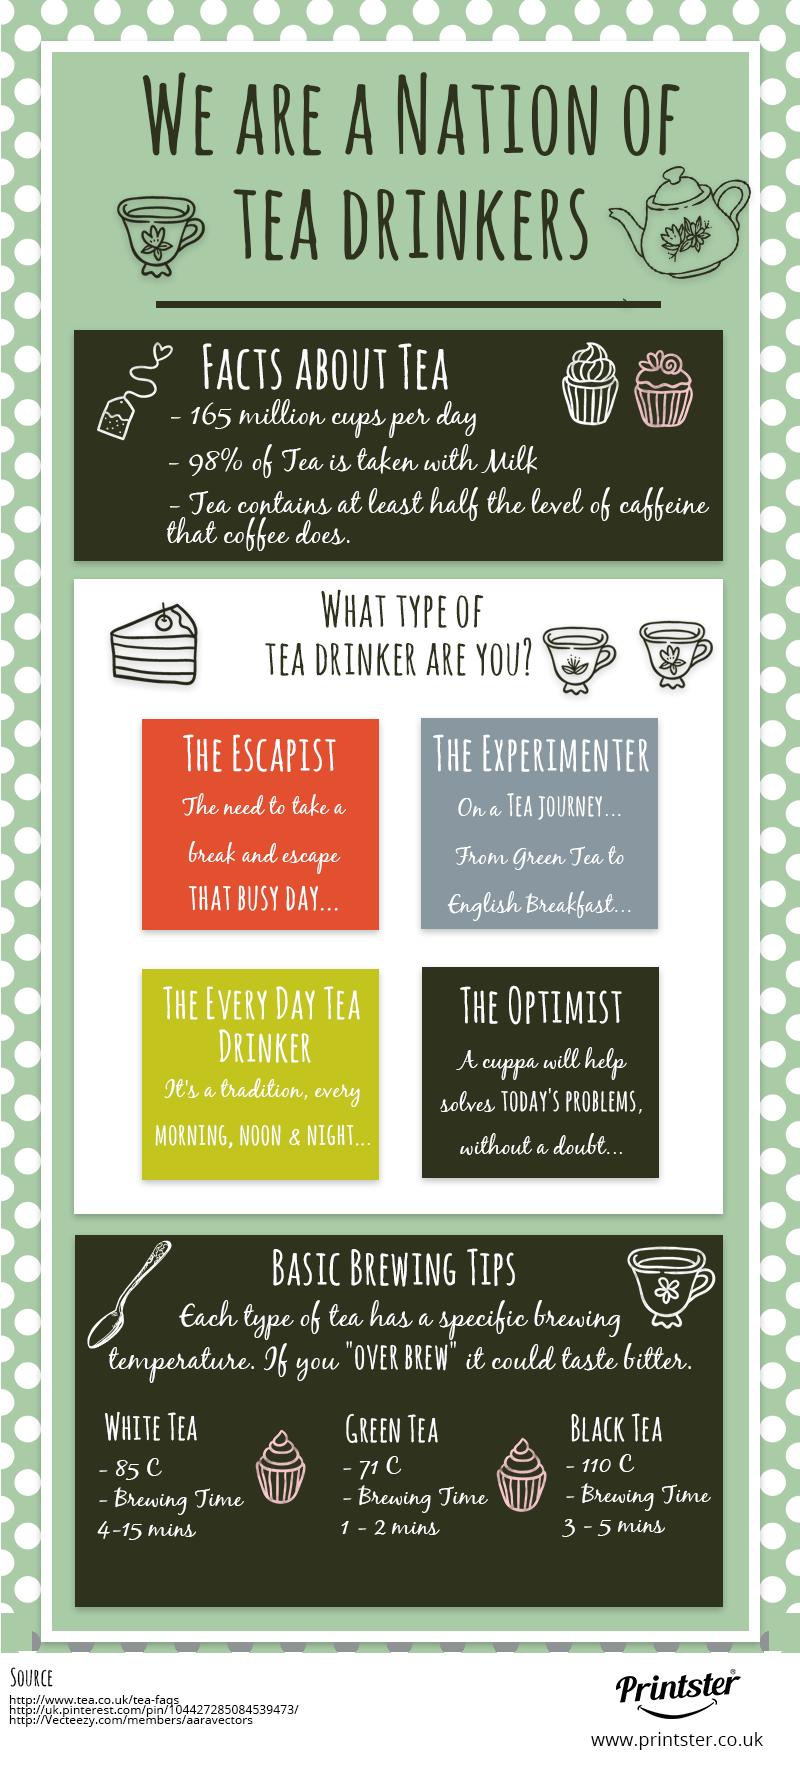 Tea blog -checked